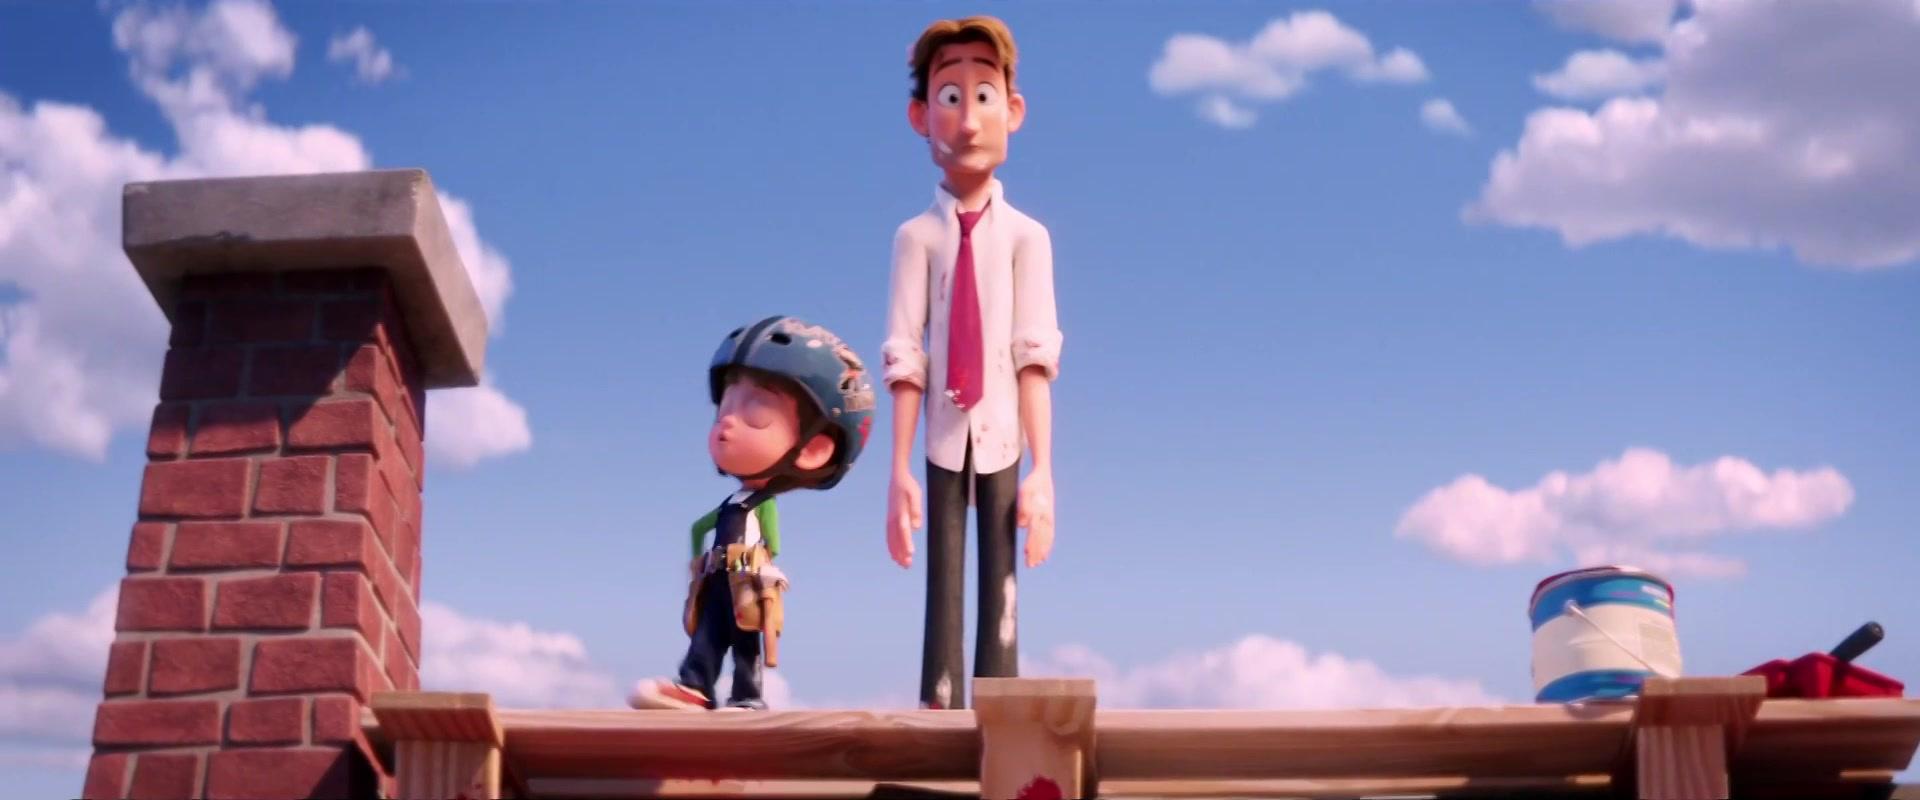 Новинки кино и новые фильмы список cмотреть онлайн